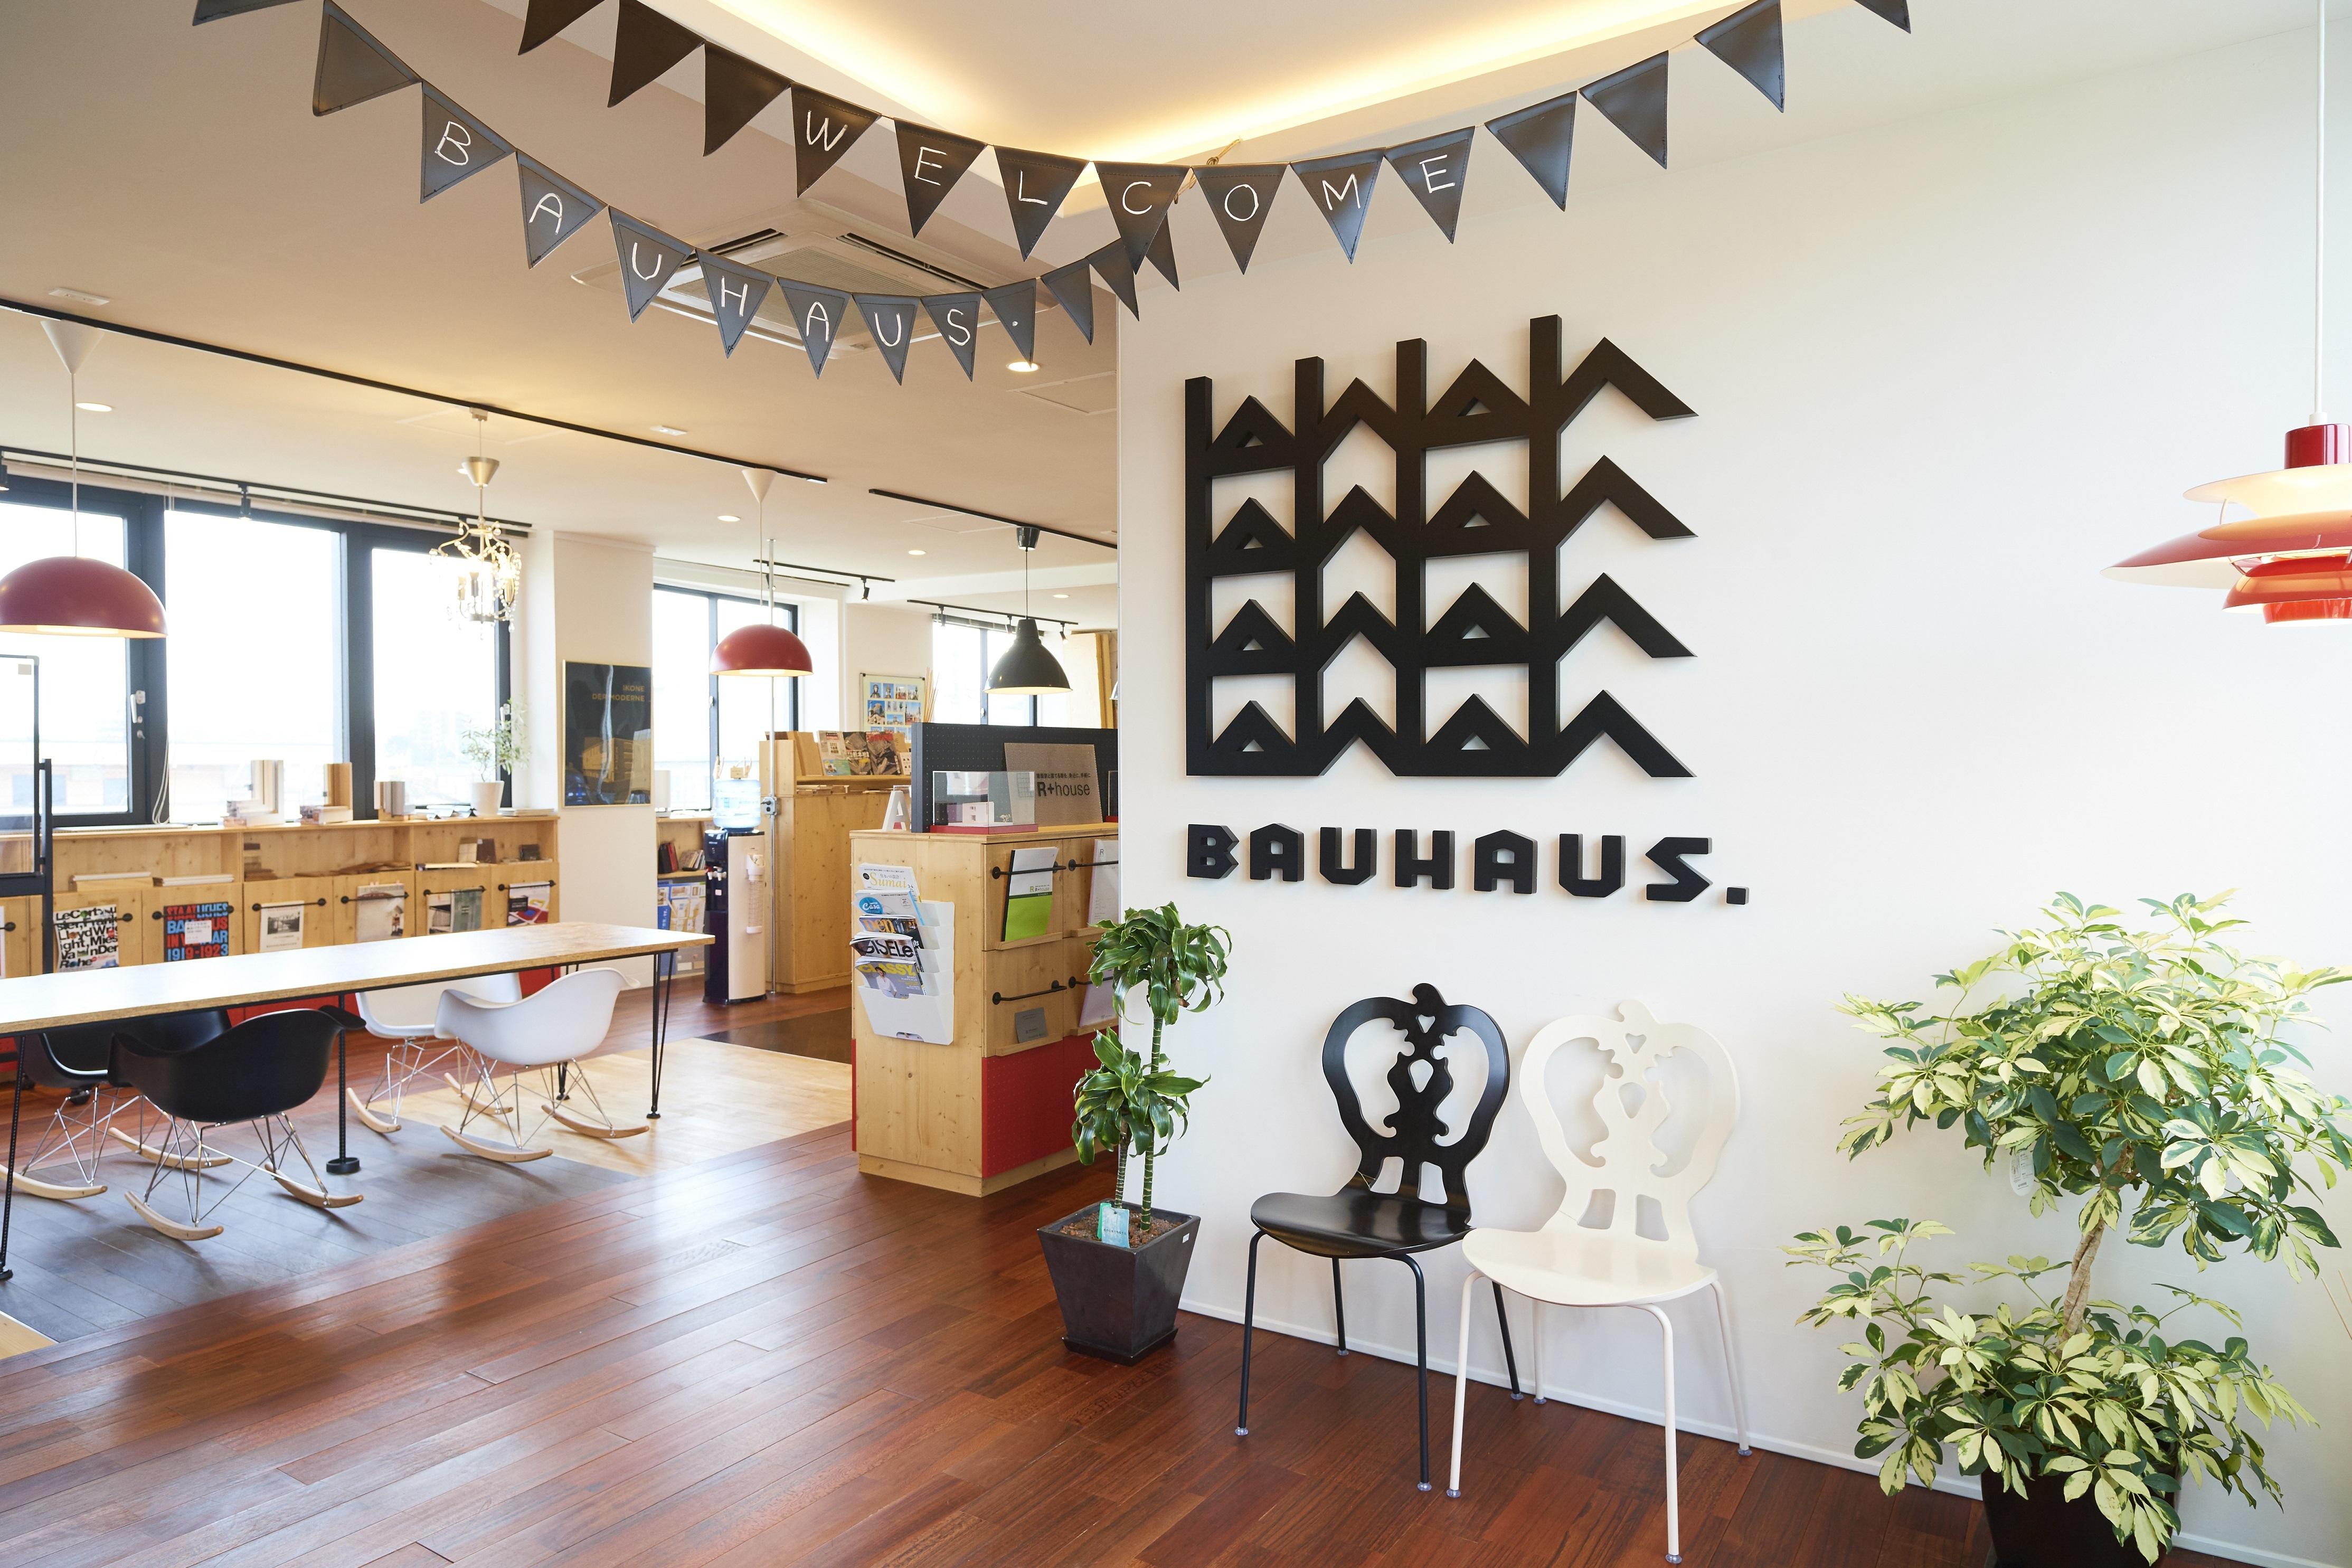 03_bauhaus-office.jpg